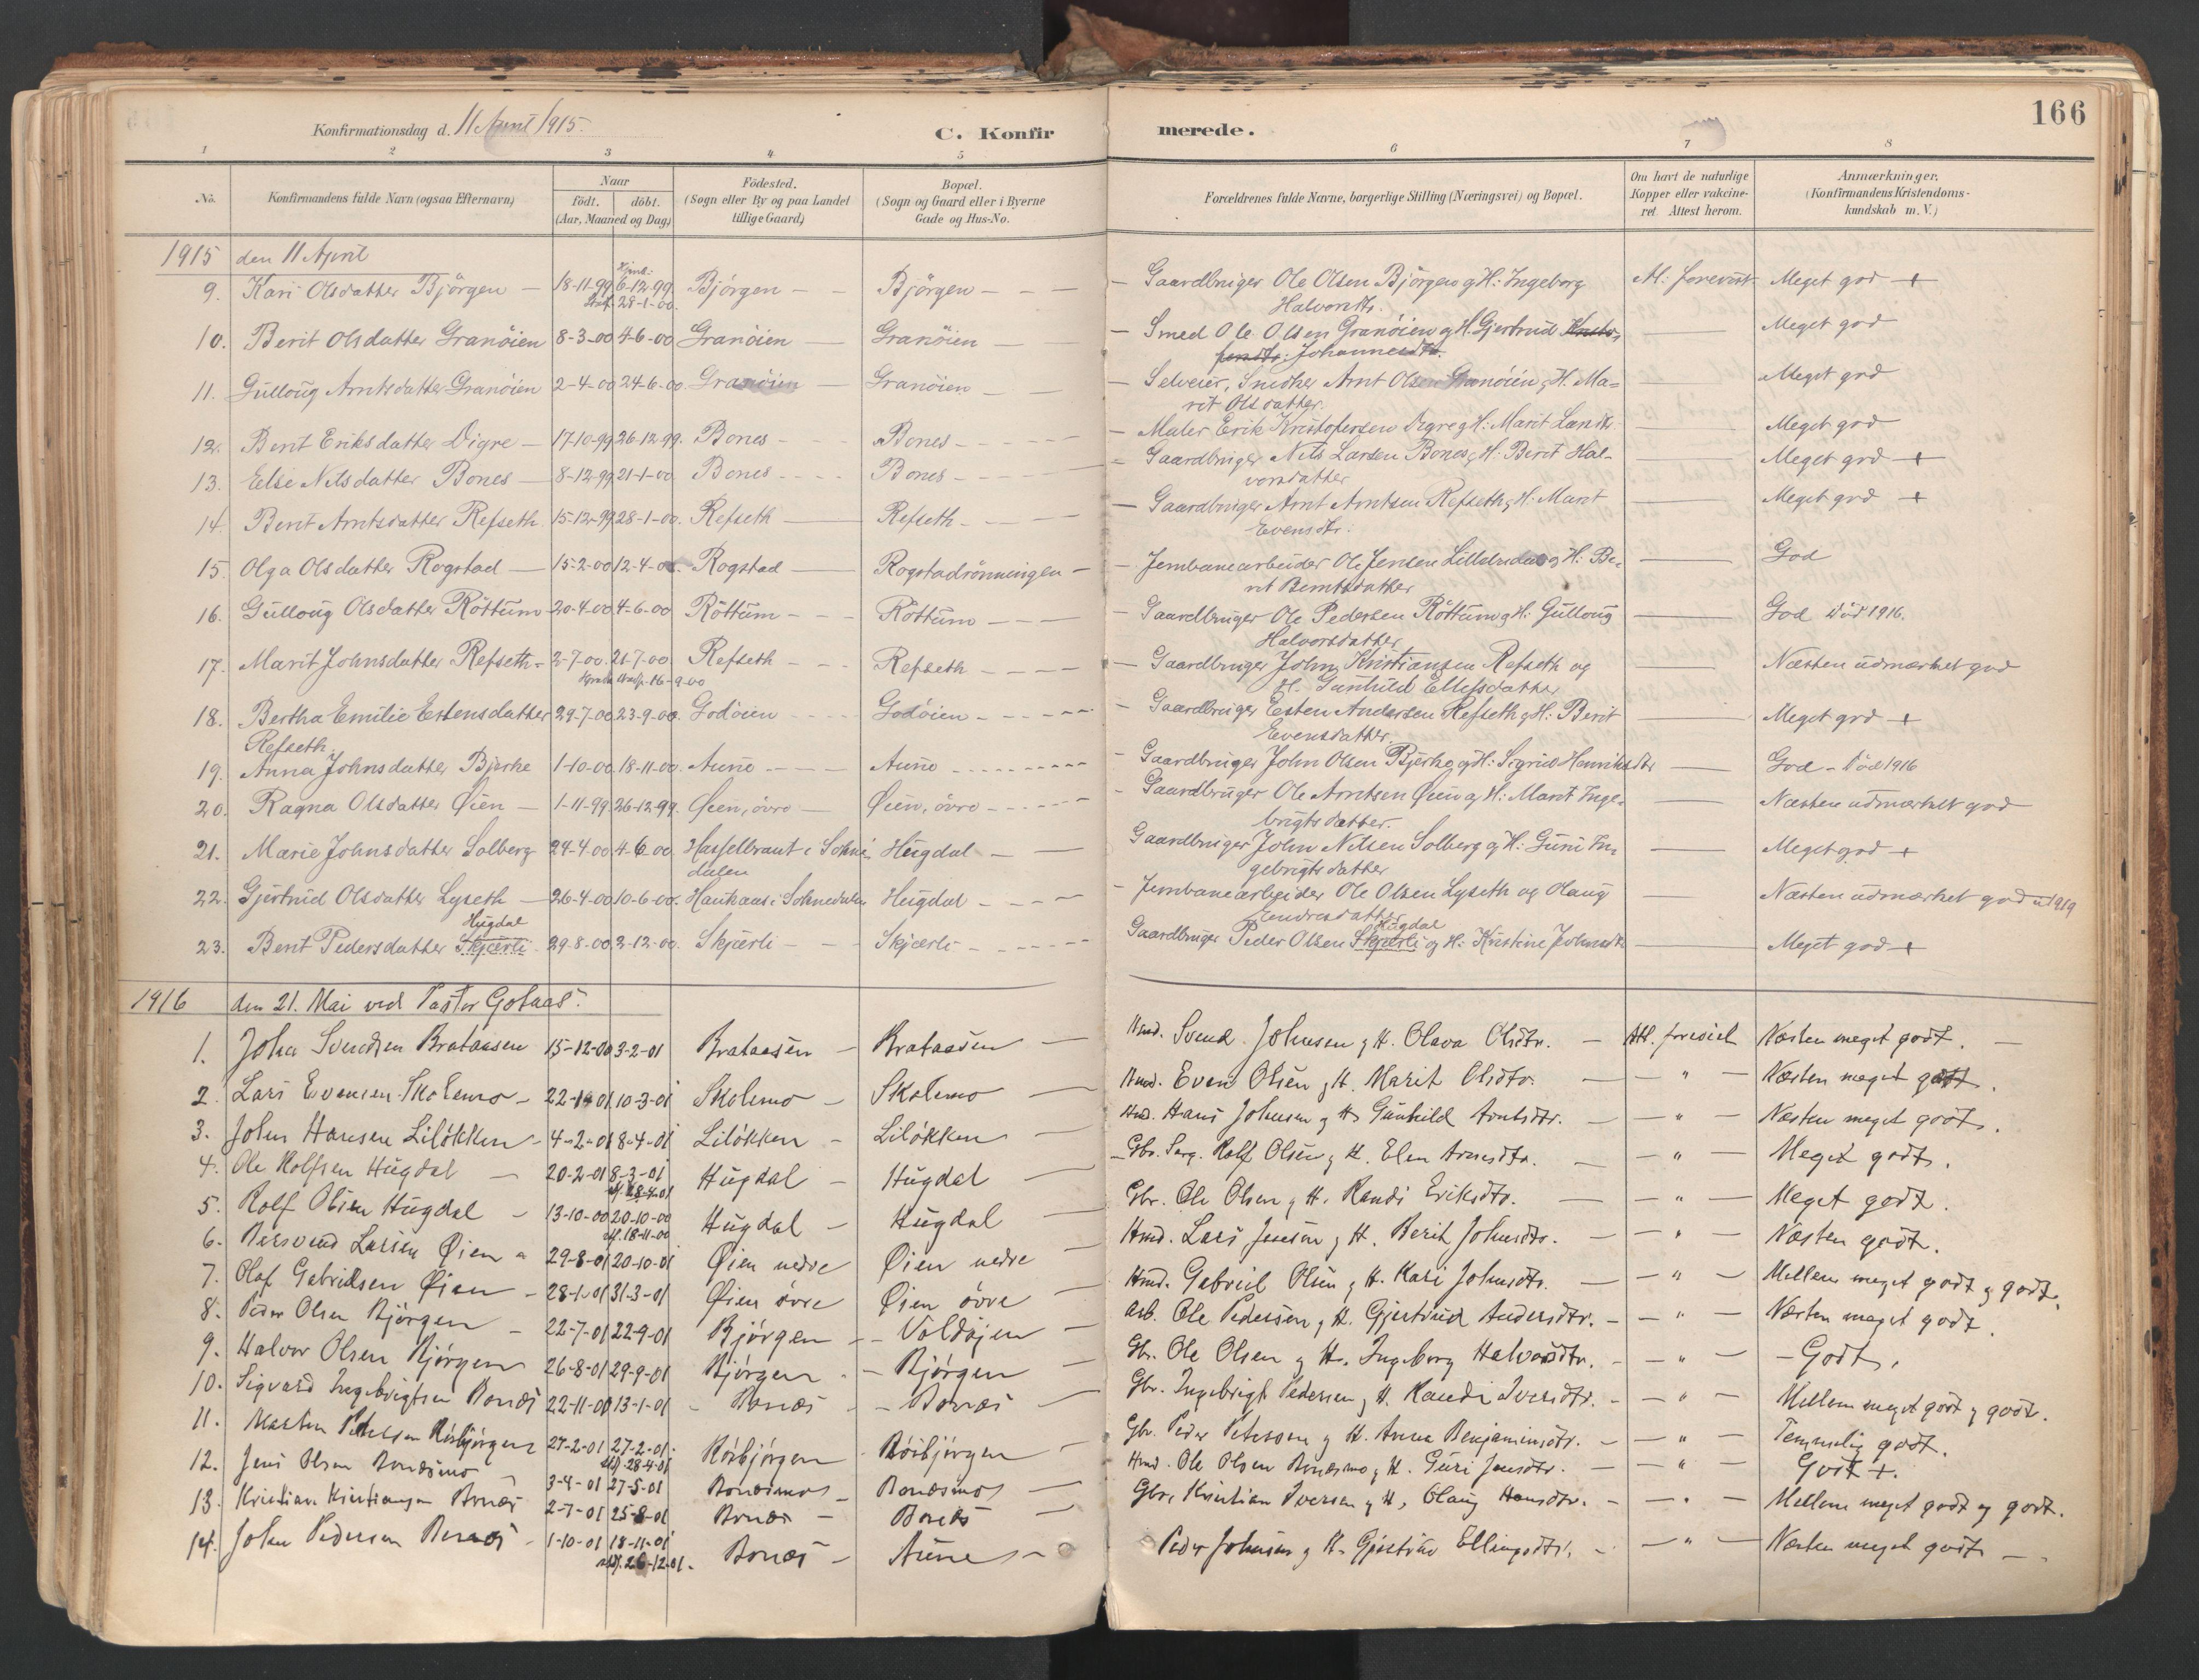 SAT, Ministerialprotokoller, klokkerbøker og fødselsregistre - Sør-Trøndelag, 687/L1004: Ministerialbok nr. 687A10, 1891-1923, s. 166